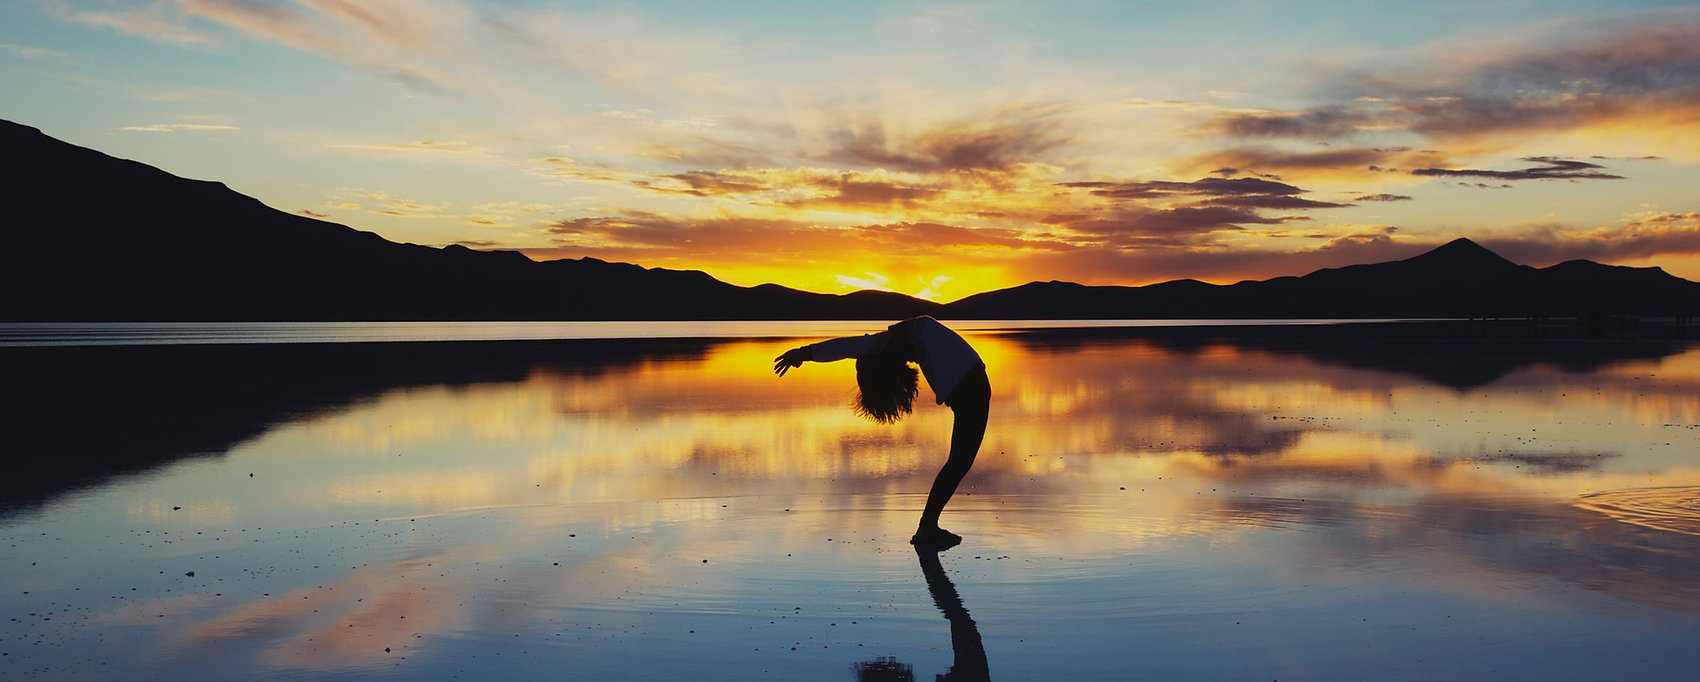 Yoga-Retreats - Im Urlaub Yoga lernen! | Anders reisen, alternative Reisen, Reisetrends, außergewöhnliche Reisen, exklusive Reisen